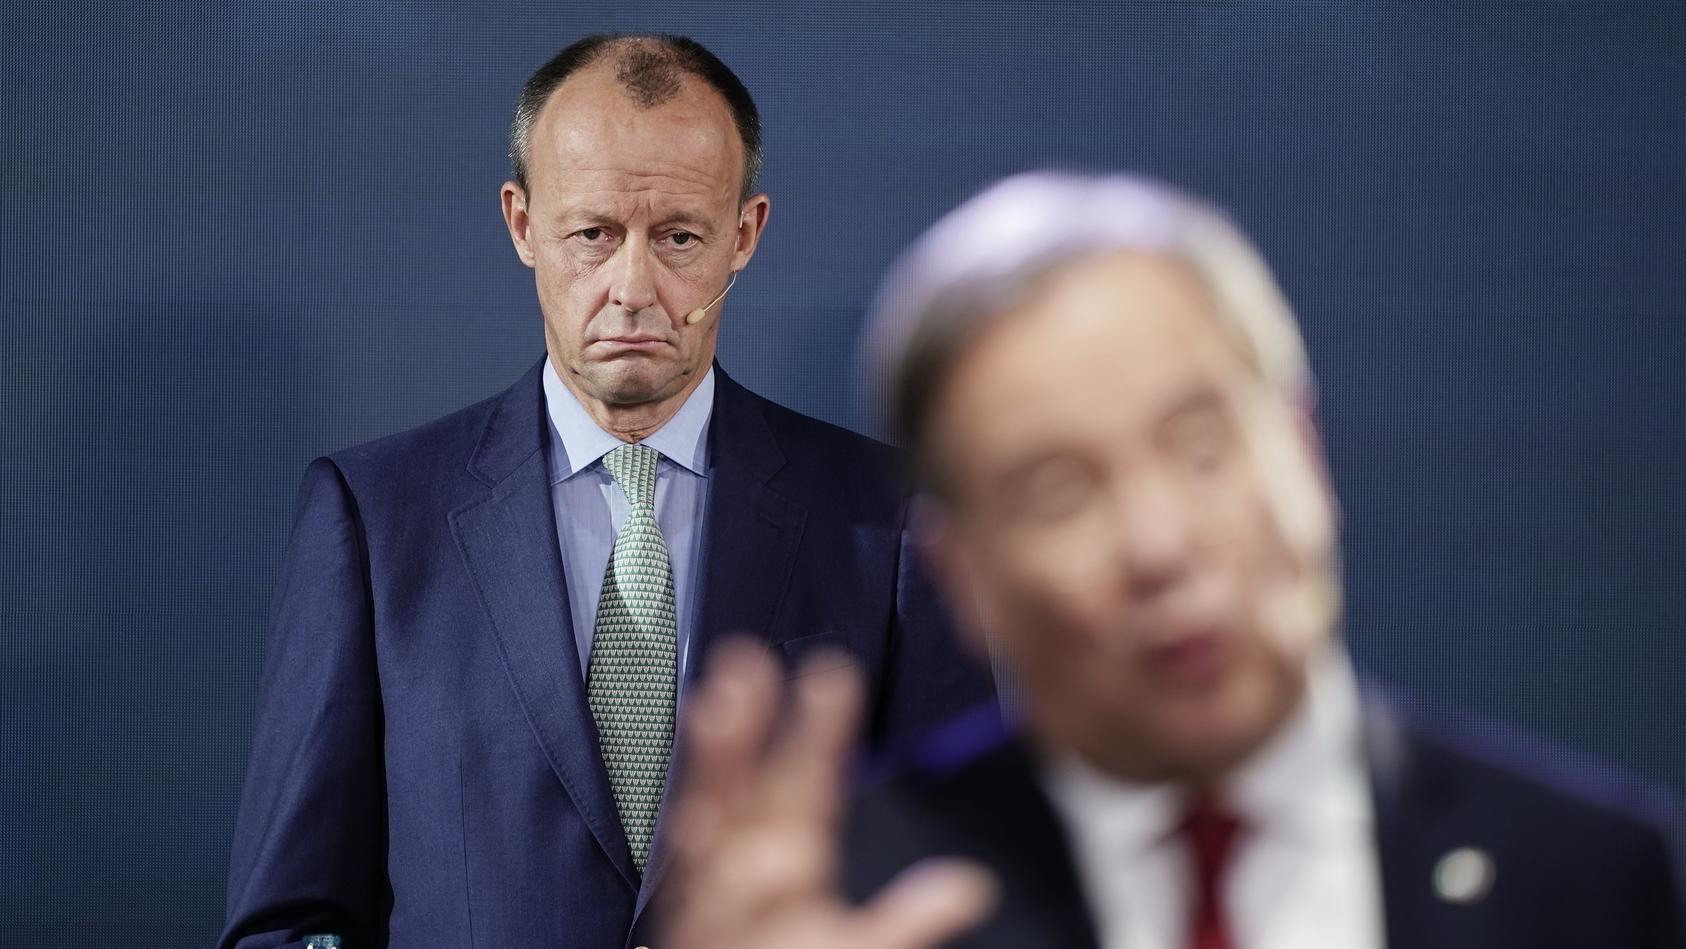 Knapp sechs Wochen vor dem geplanten CDU-Parteitag brodelt es bei den Christdemokraten.